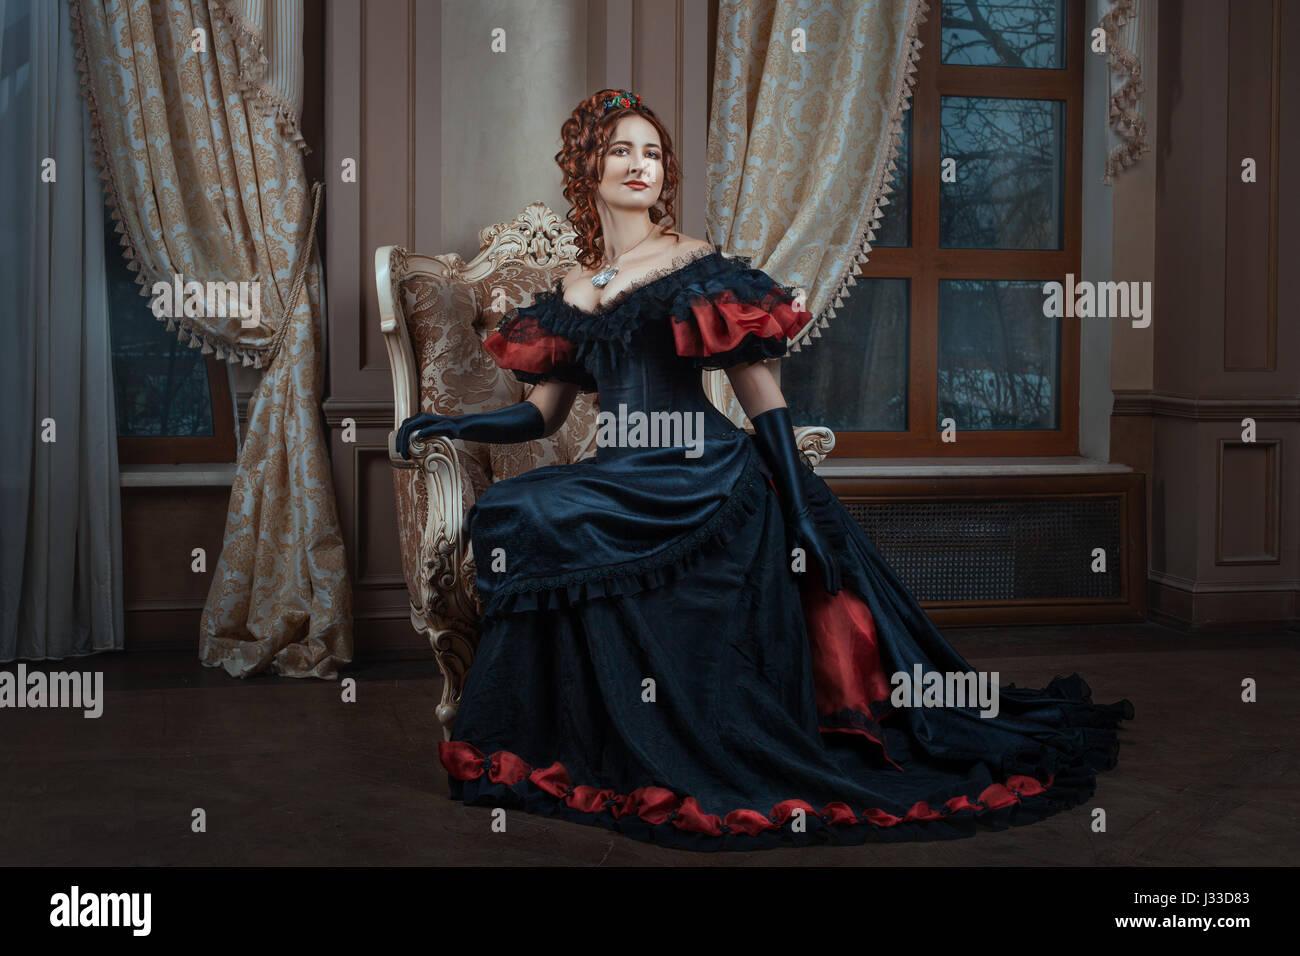 Donna in abito vittoriano seduto su una sedia in camera. Foto Stock